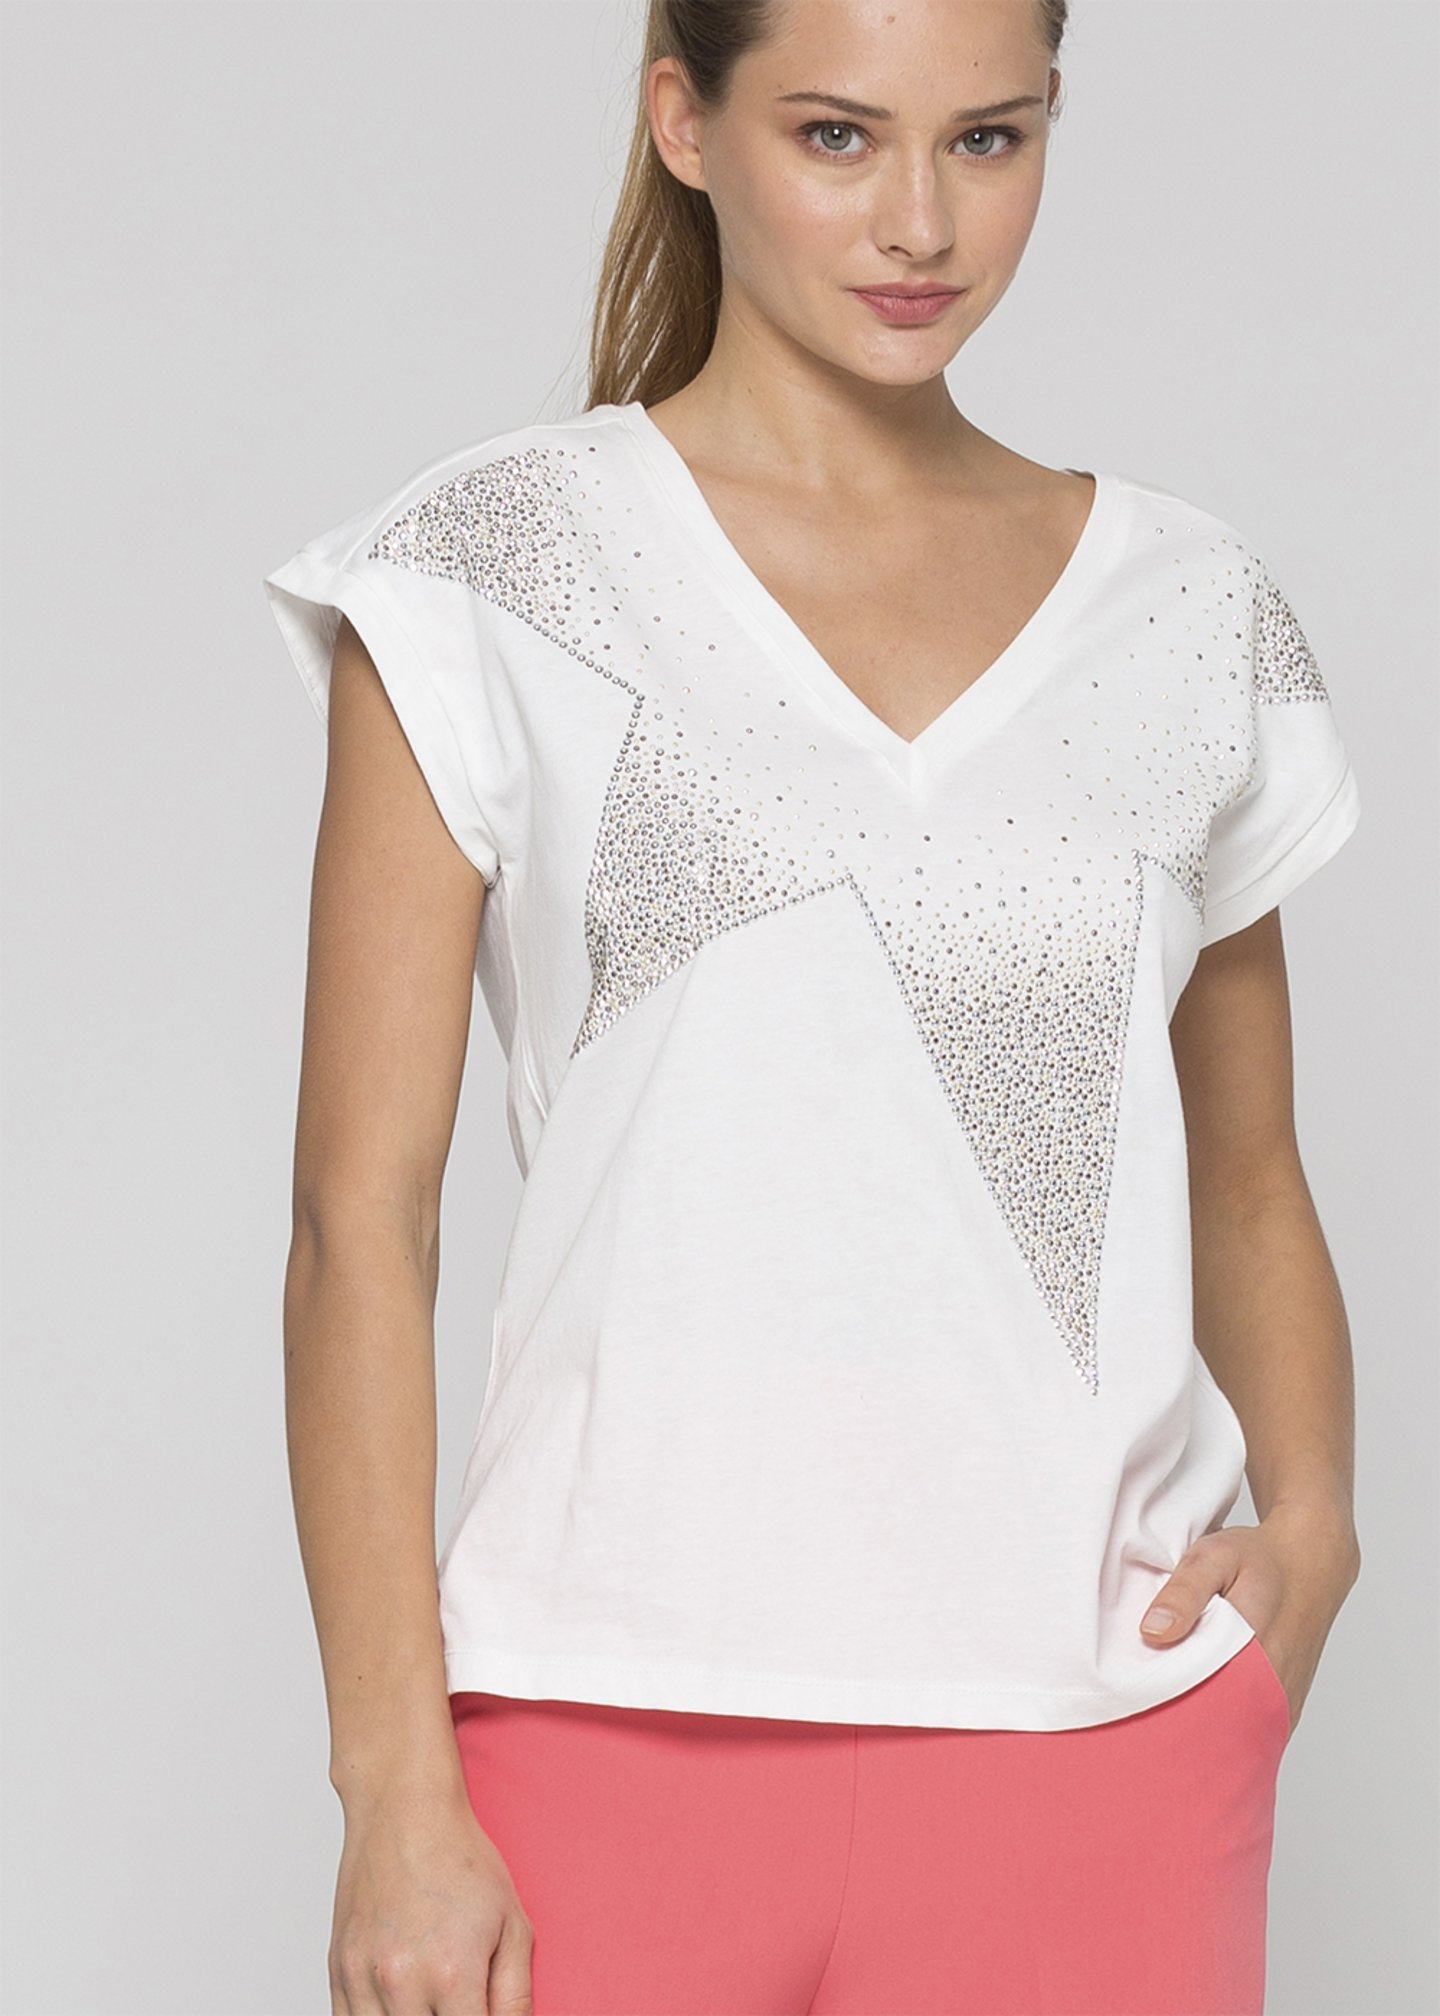 KOCCA BOBO T-shirt girocollo con manica scesa